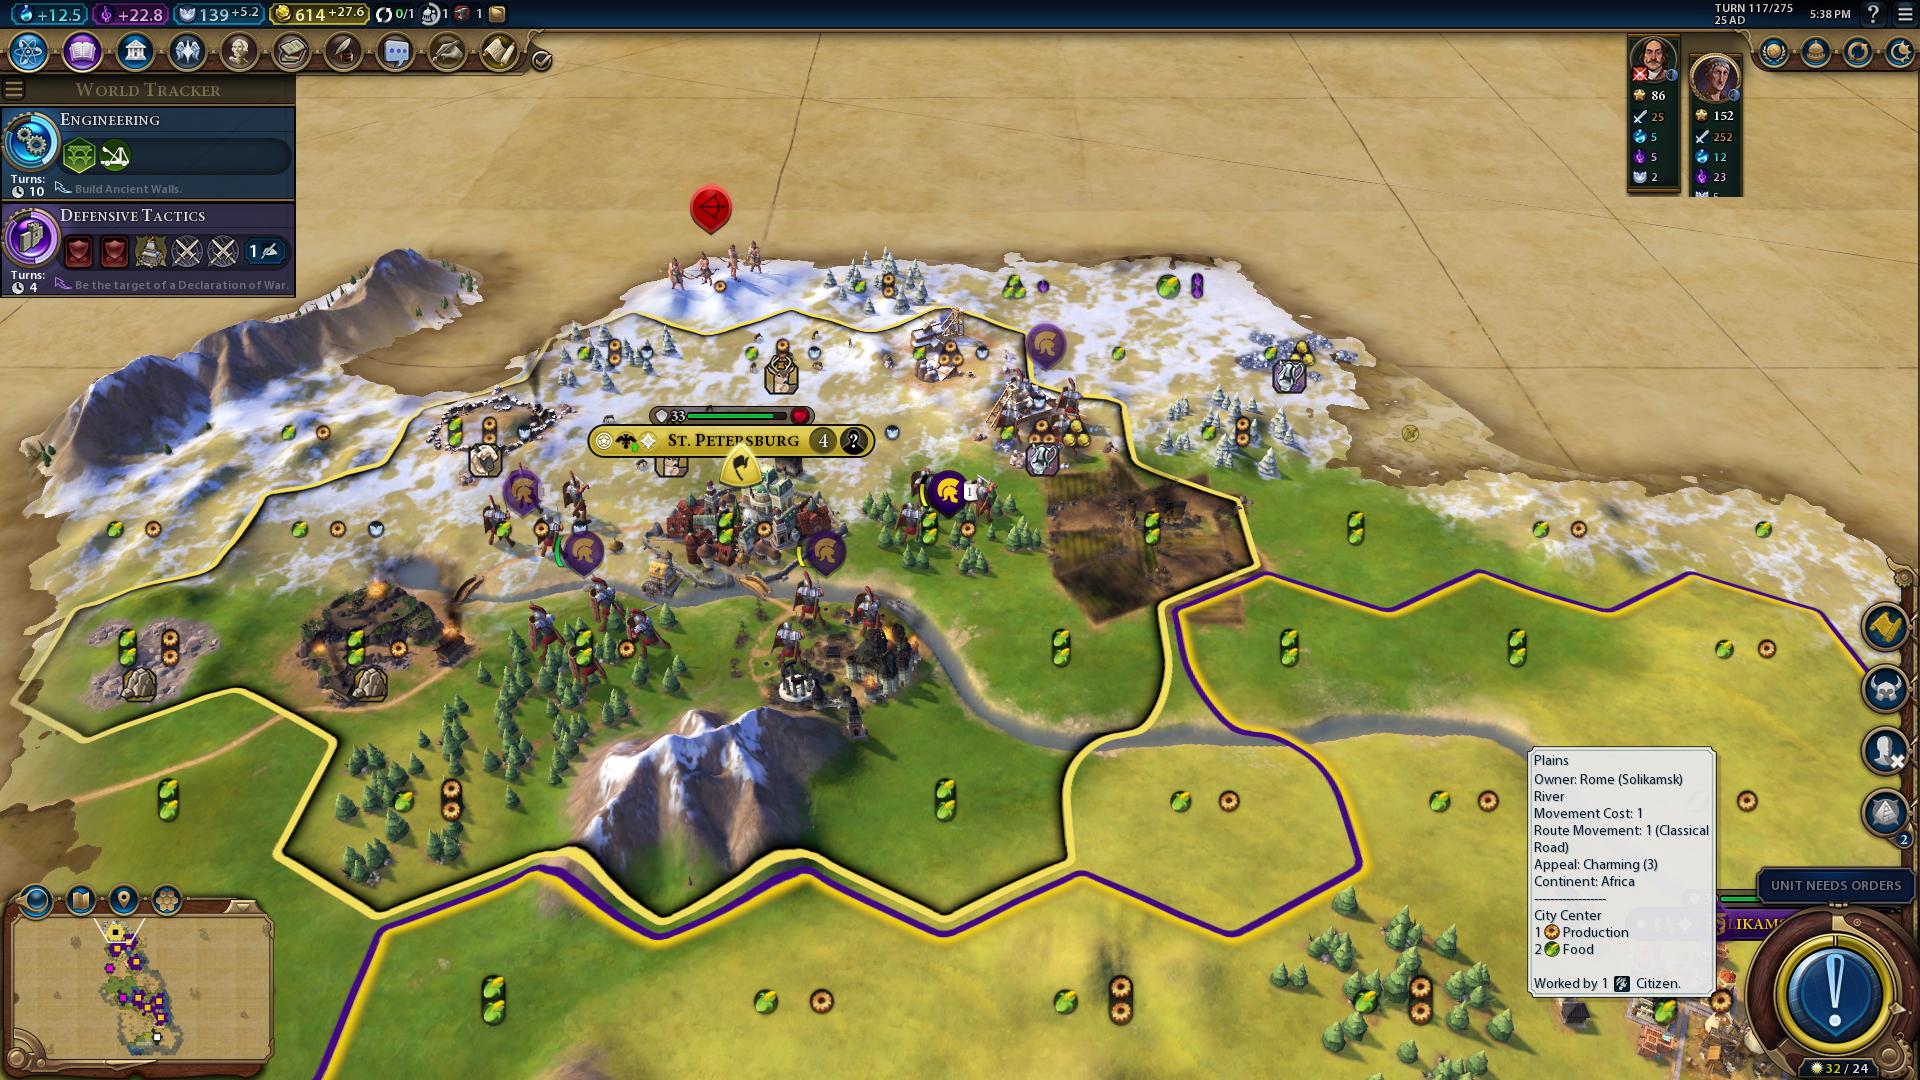 Sid Meier's Civilization VI (DX11) 11_1_2018 5_38_45 PM.png